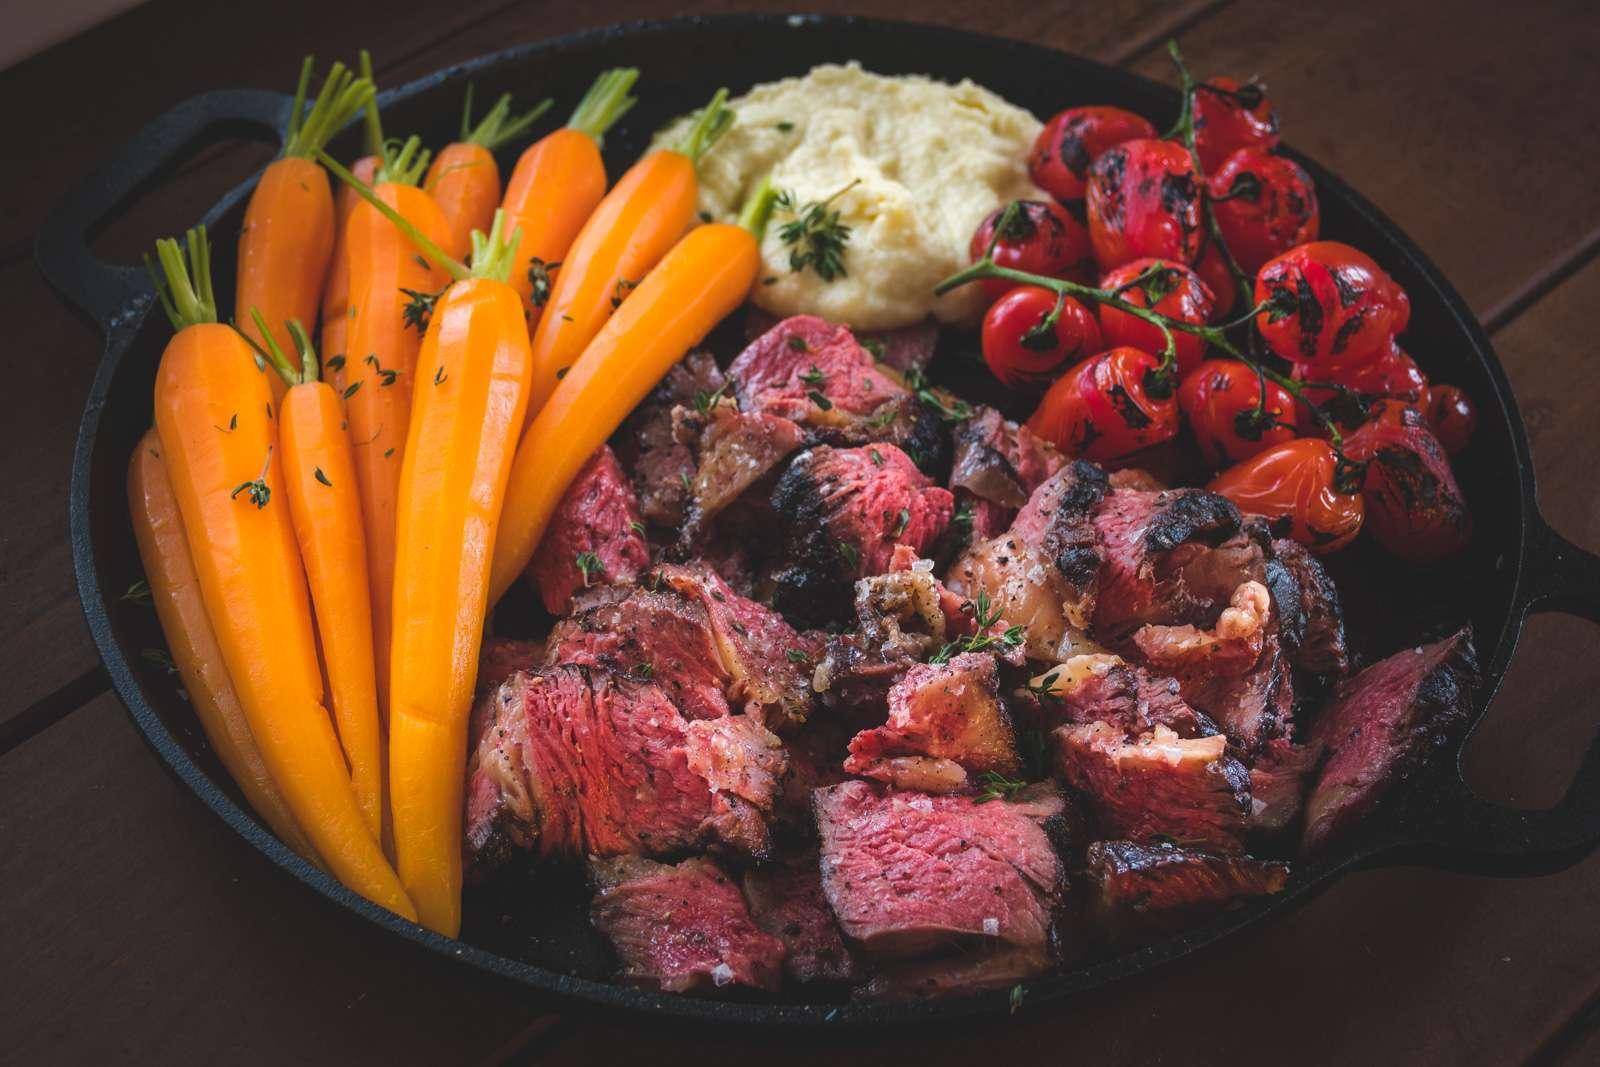 Recept Tomahawk Steak met wortelen, trostomaatjes, puree en rozemarijn